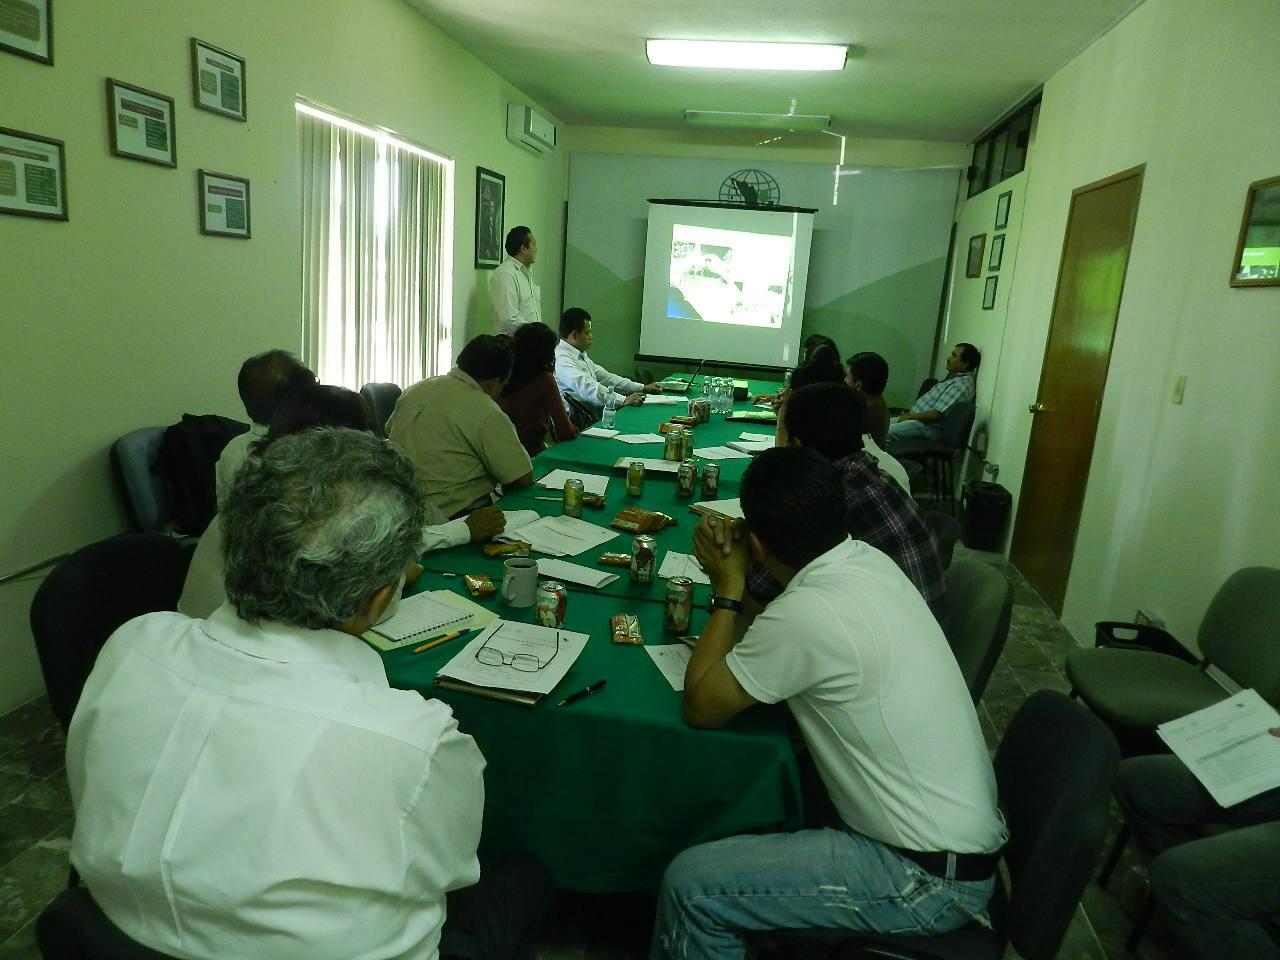 Reunión Estatal de Productores de Planta en Hidalgo. http://t.co/CnPY2YnS0K